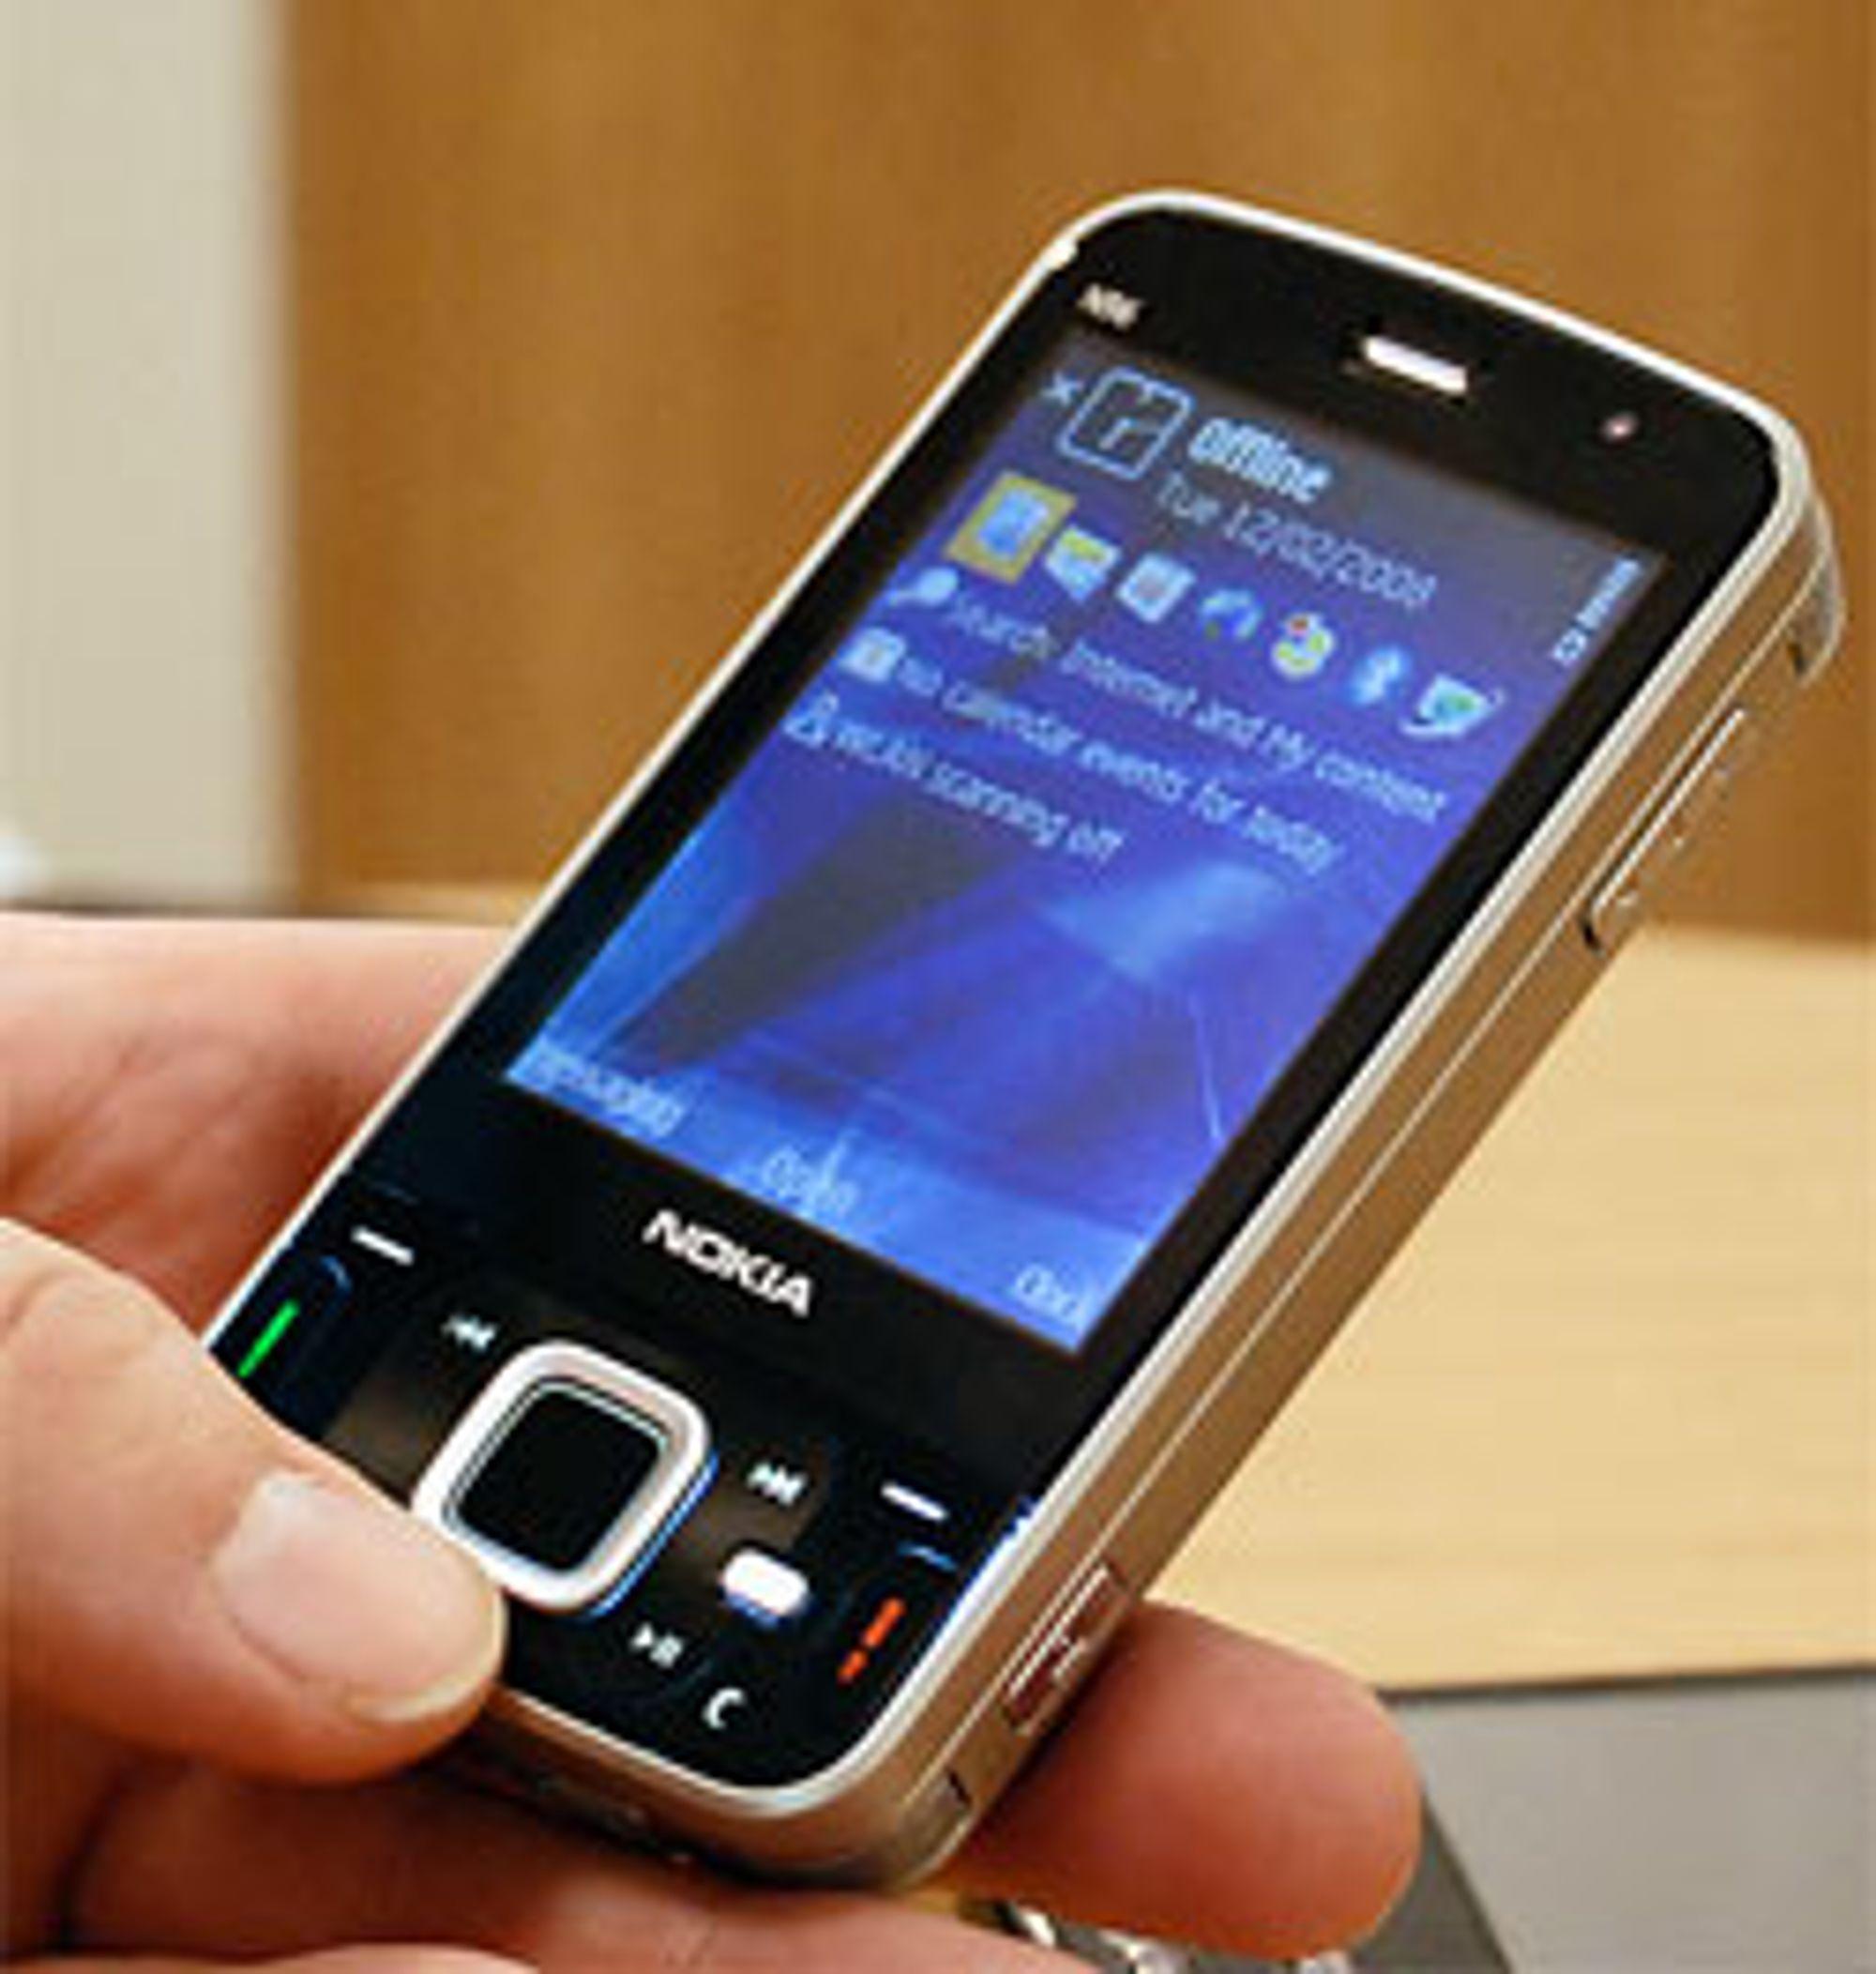 Denne teknobomben er en oppfølger til Nokia N95, og er blant mye annet utstyrt med GPS.